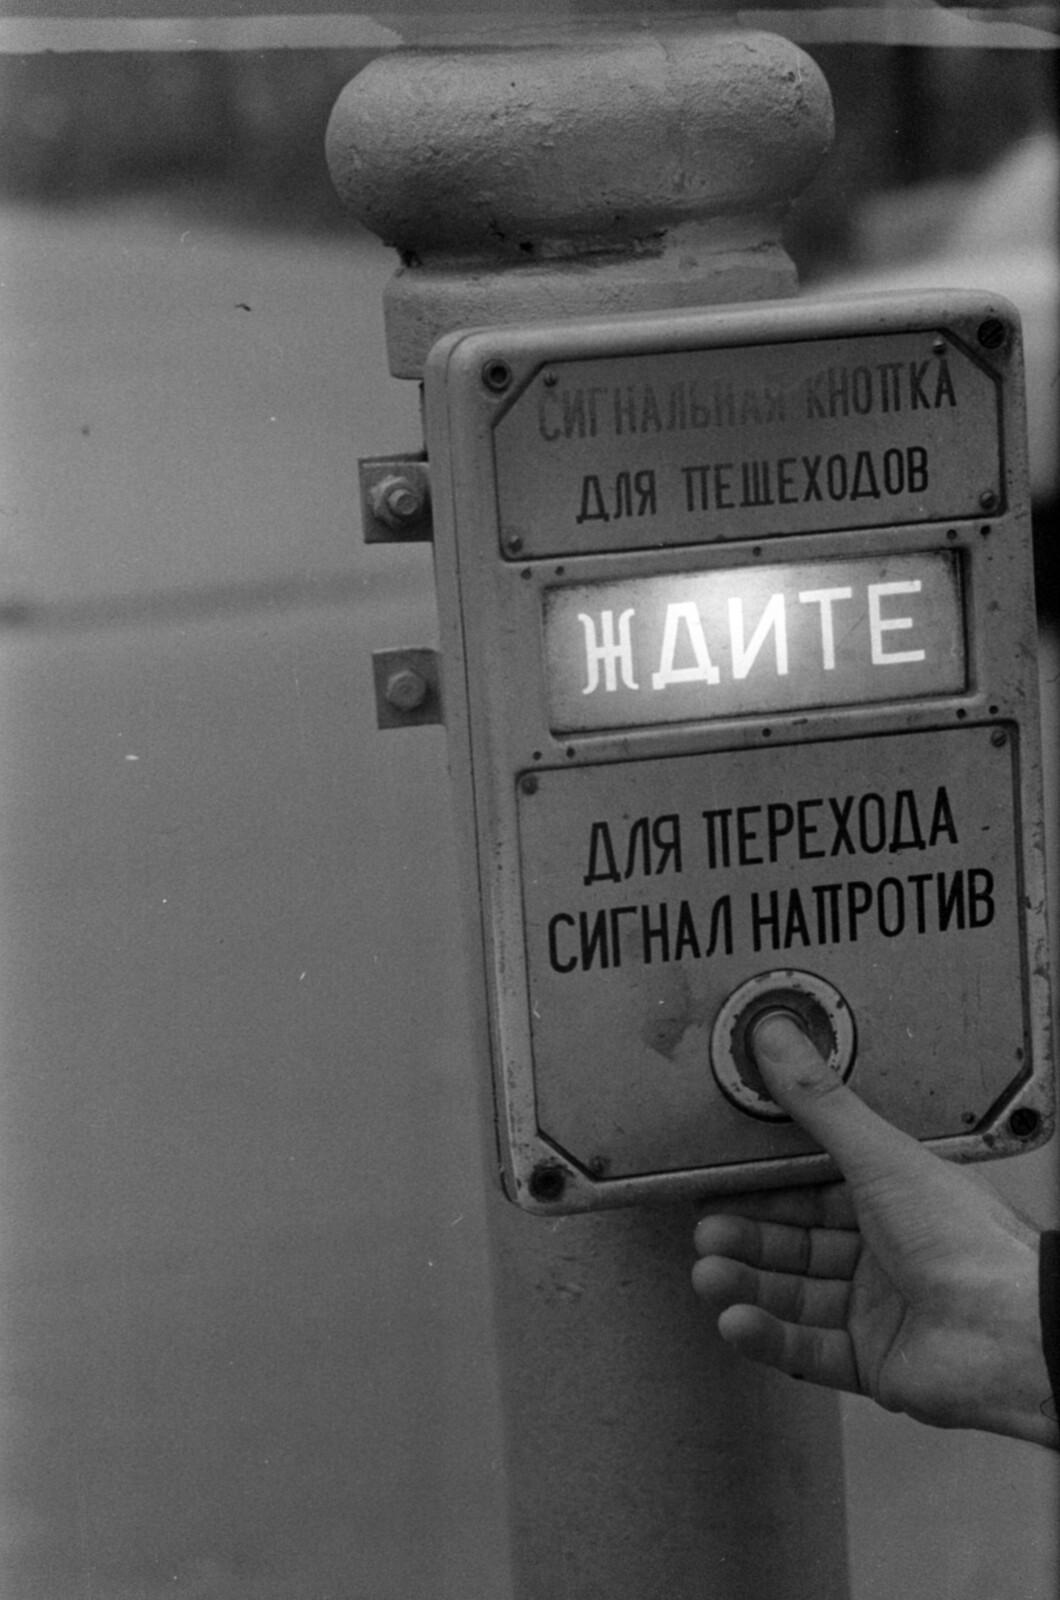 04. Подольское шоссе рядом с площадью Серпуховской заставы.